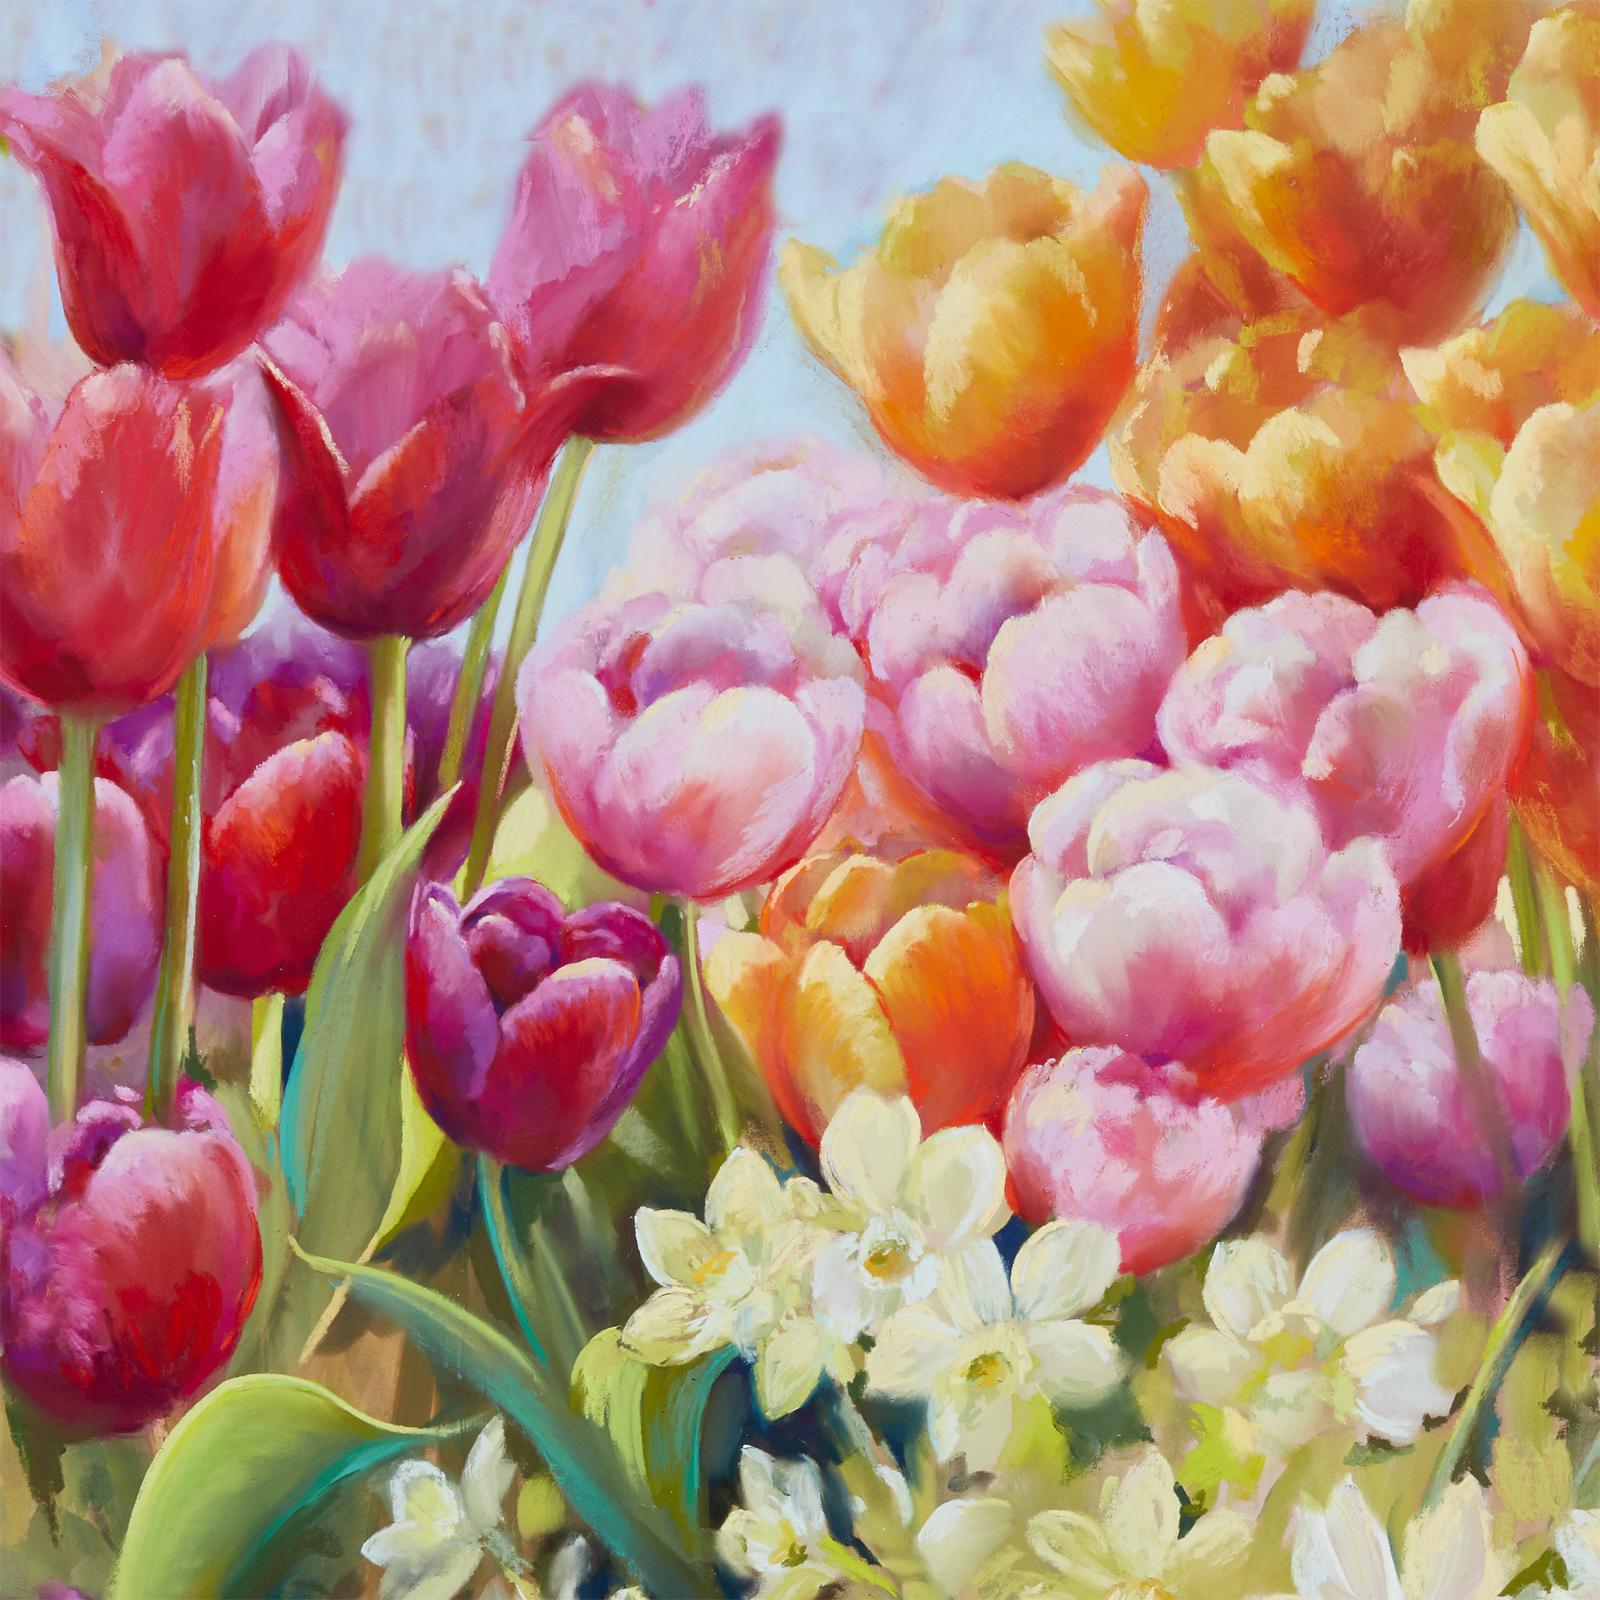 N2634 Spring Has Sprung.jpg